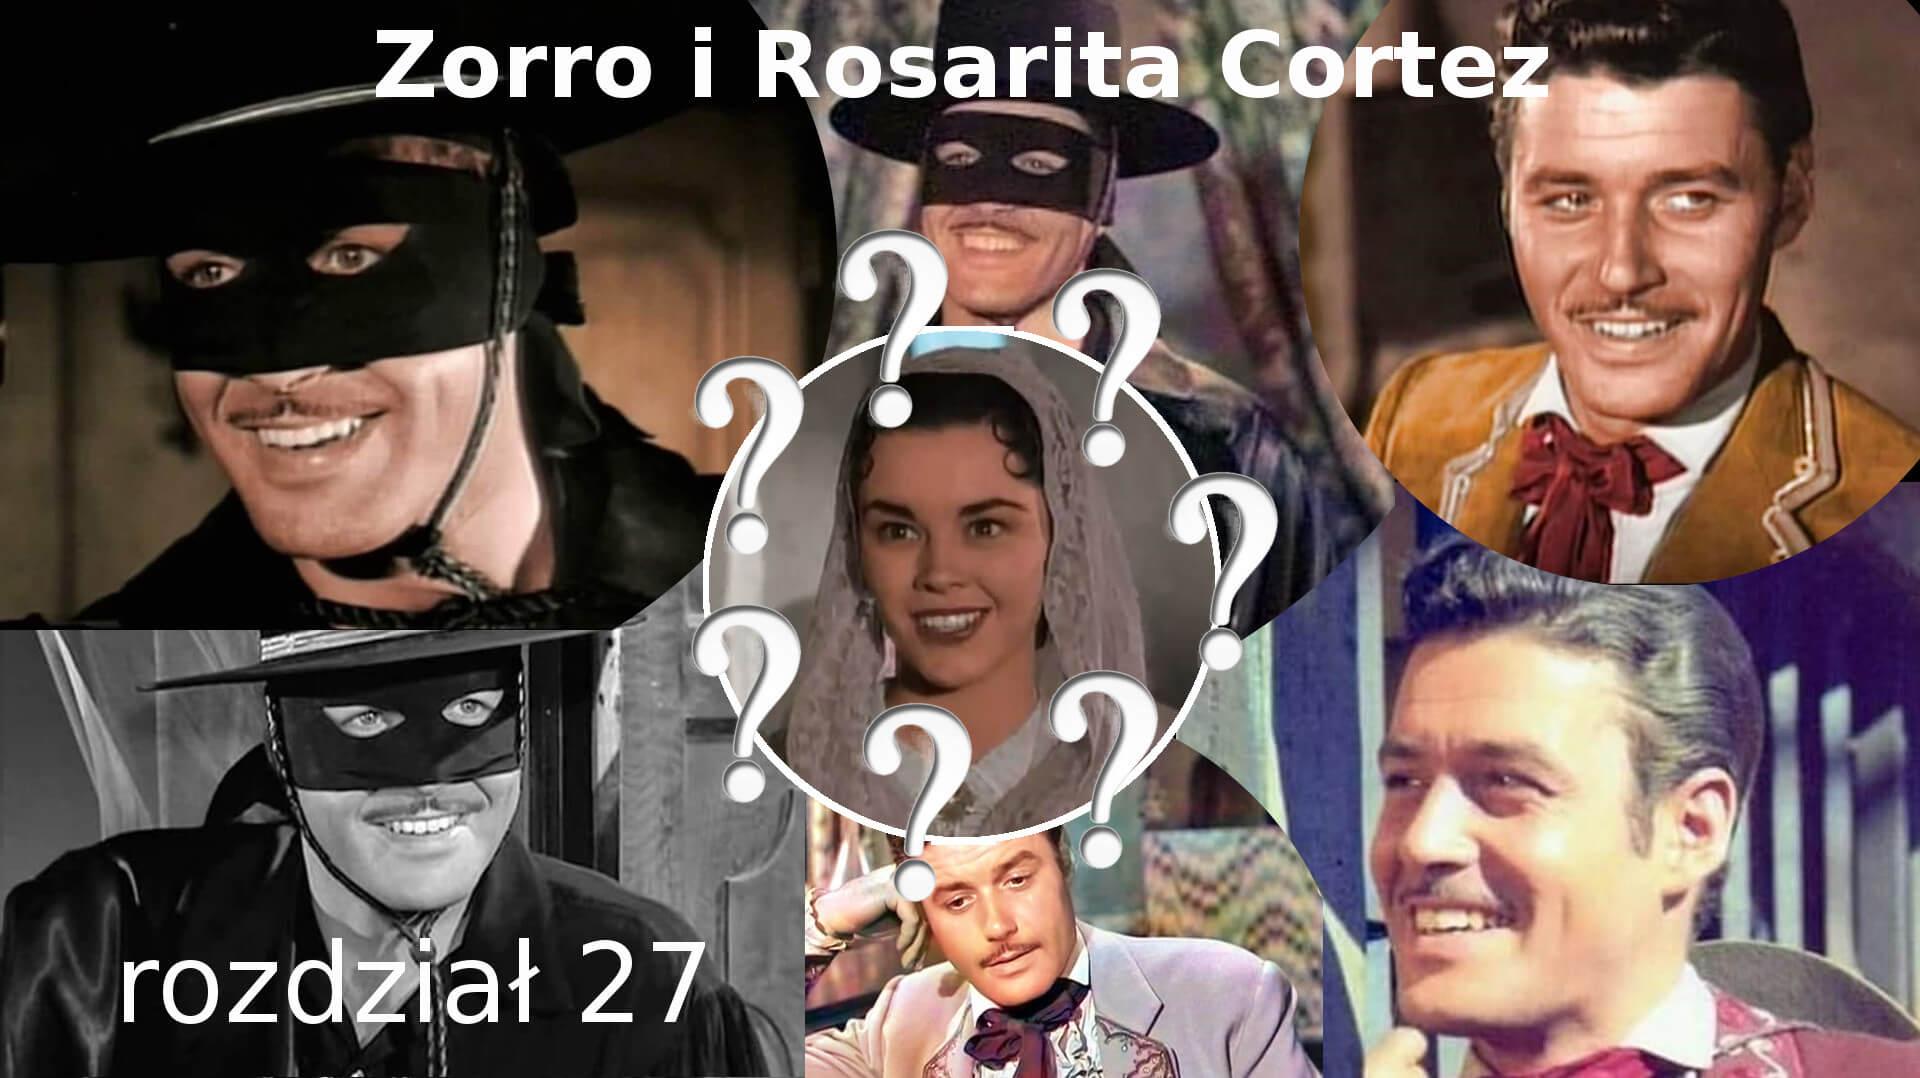 Zorro i Rosarita Cortez rozdział 27 Zorro fanfiction